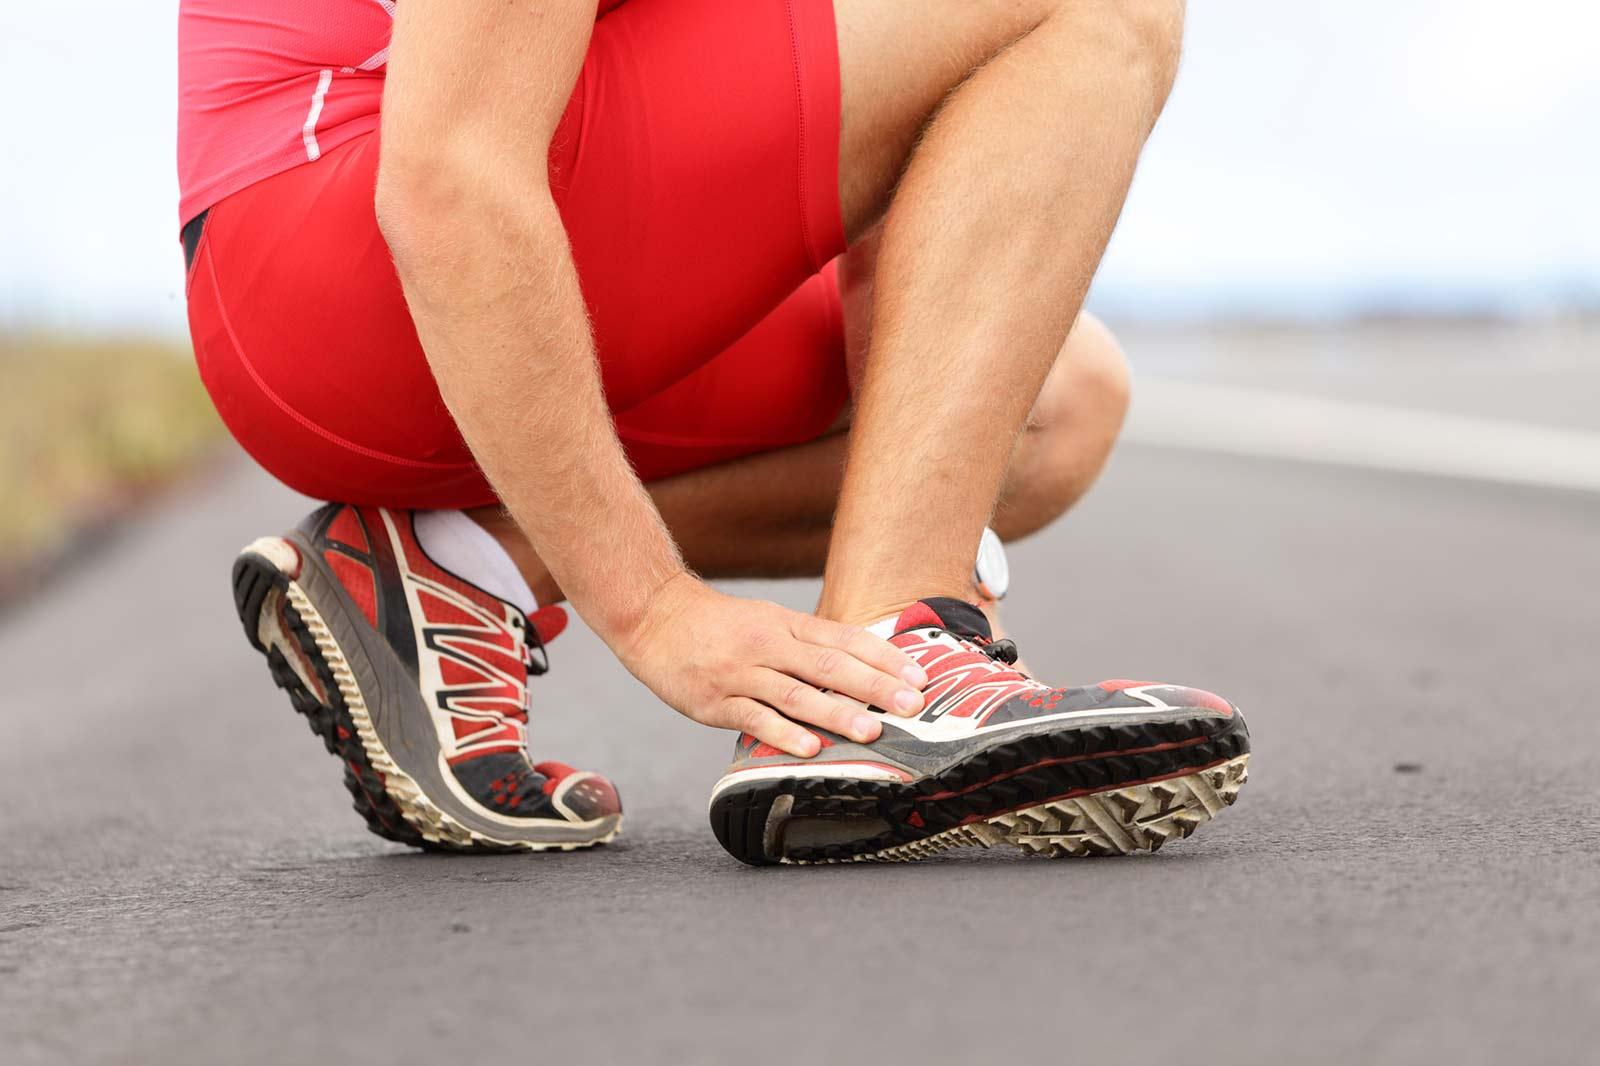 Спортивные травмы: причины, первая помощь, лечение, как избежать